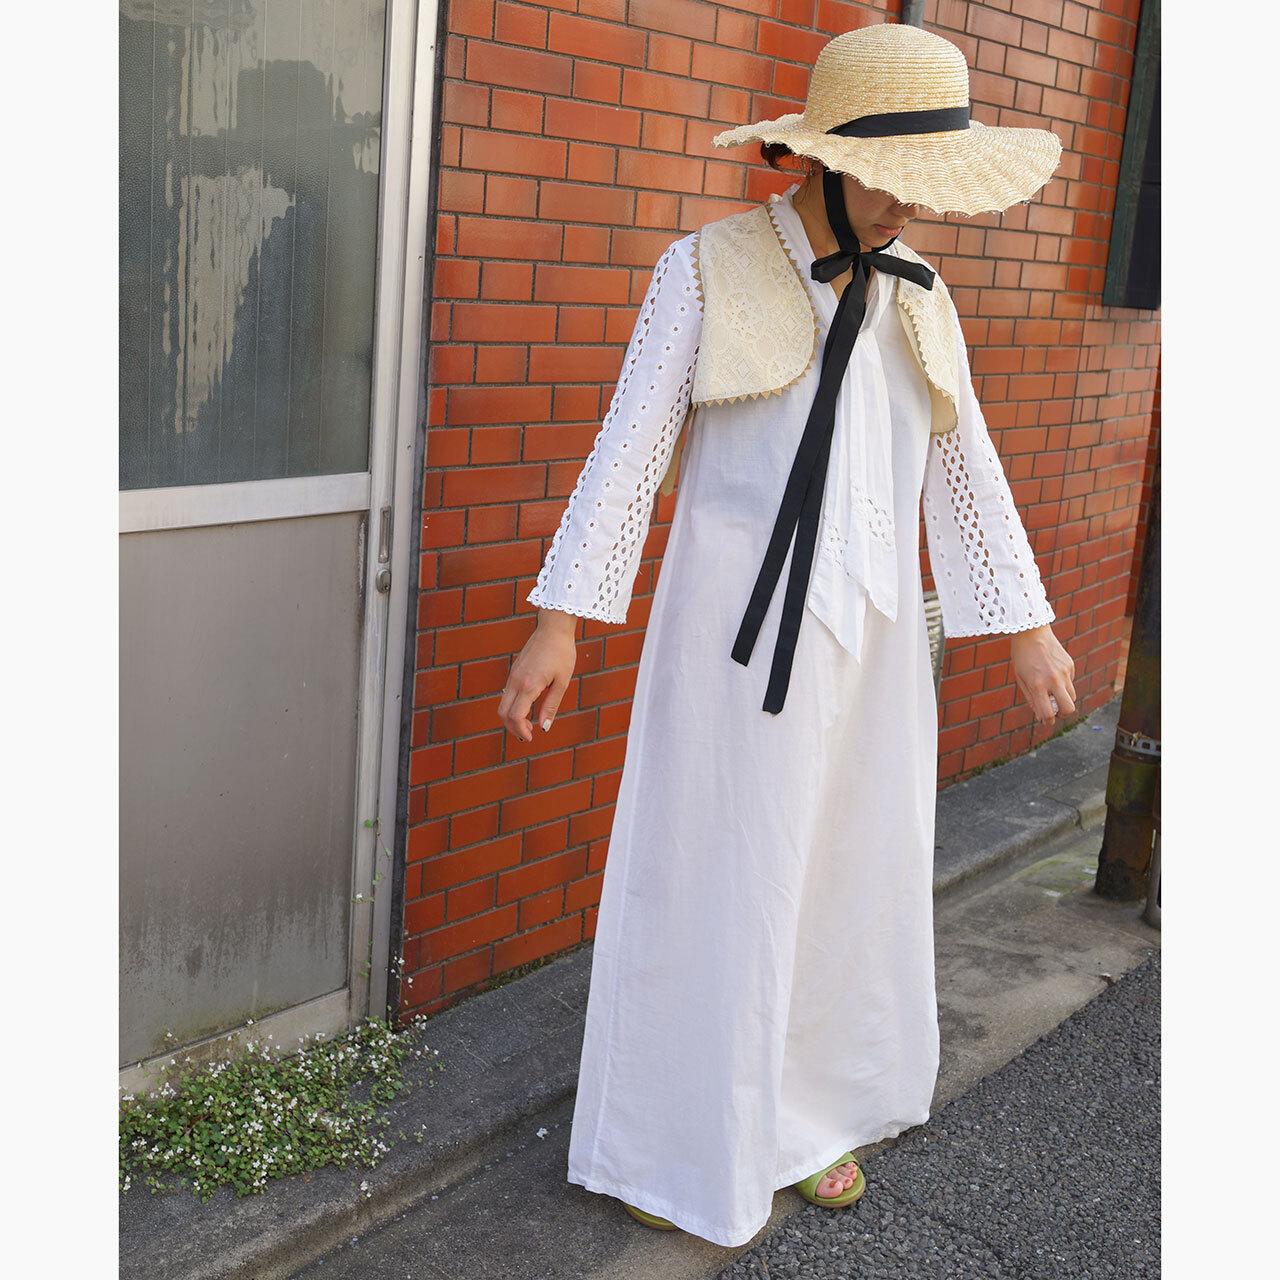 【送料無料】70's Vintage White Cotton Maxi Dress